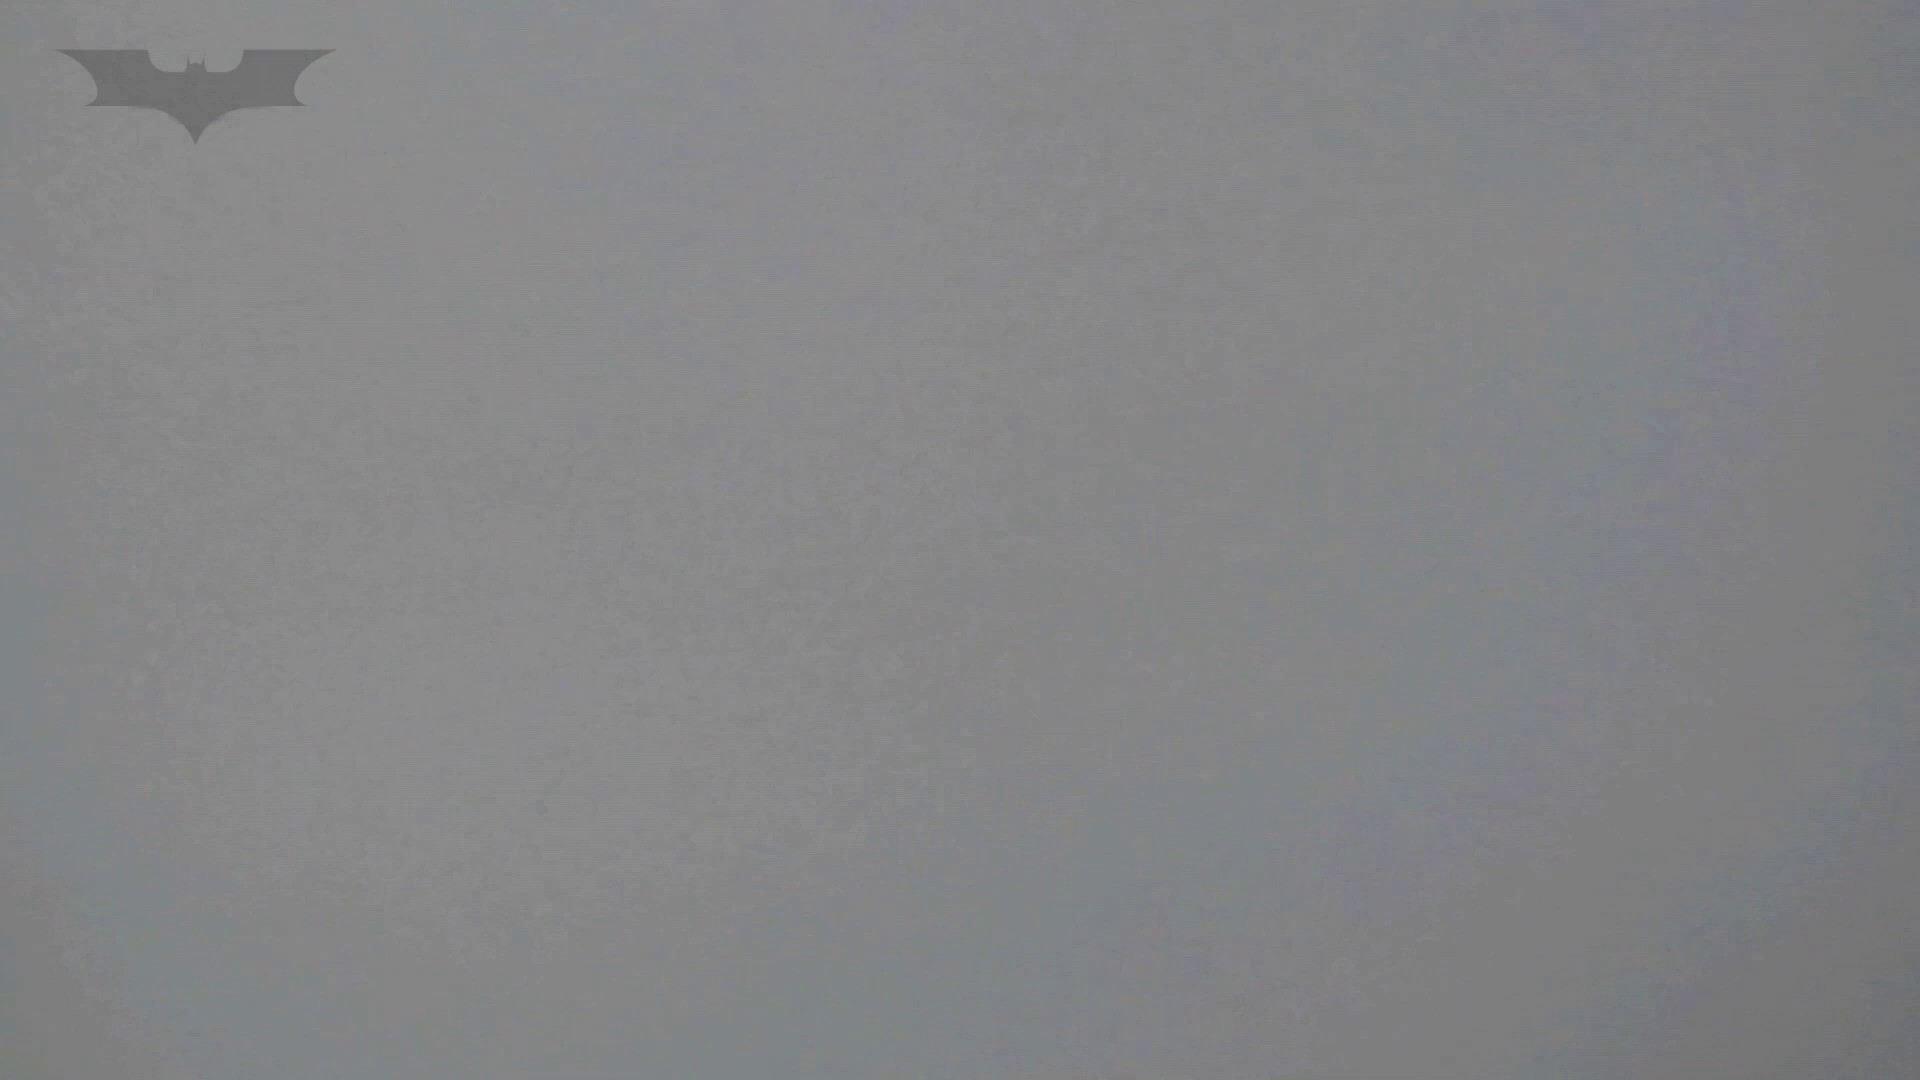 【04位 2016】第三体育館潜入撮File030 潜入 おまんこ動画流出 104PIX 29